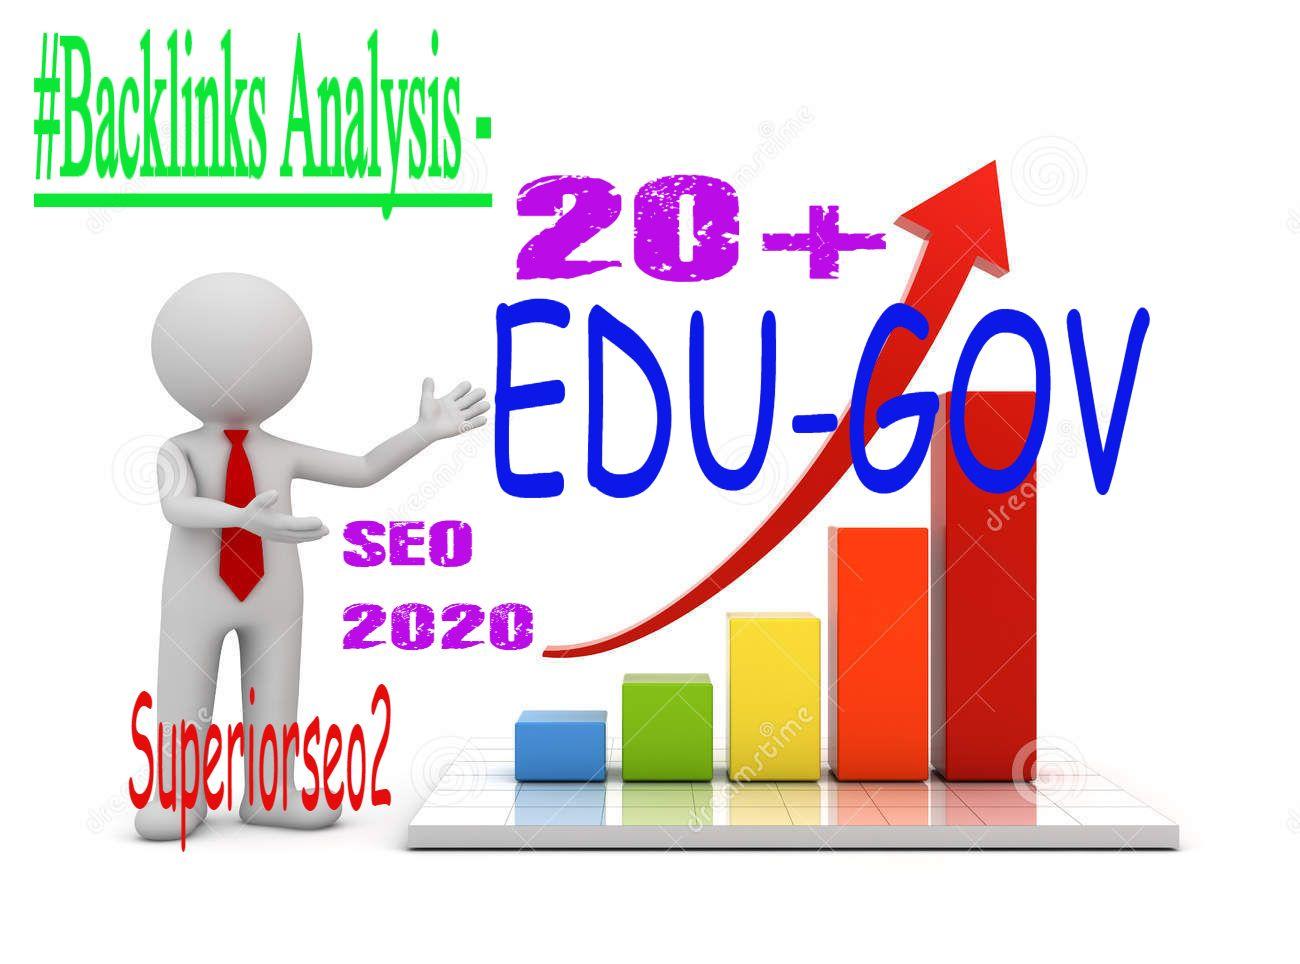 Build 21 US Based EDU. GOV Authority SEO Backlinks New Year 2020